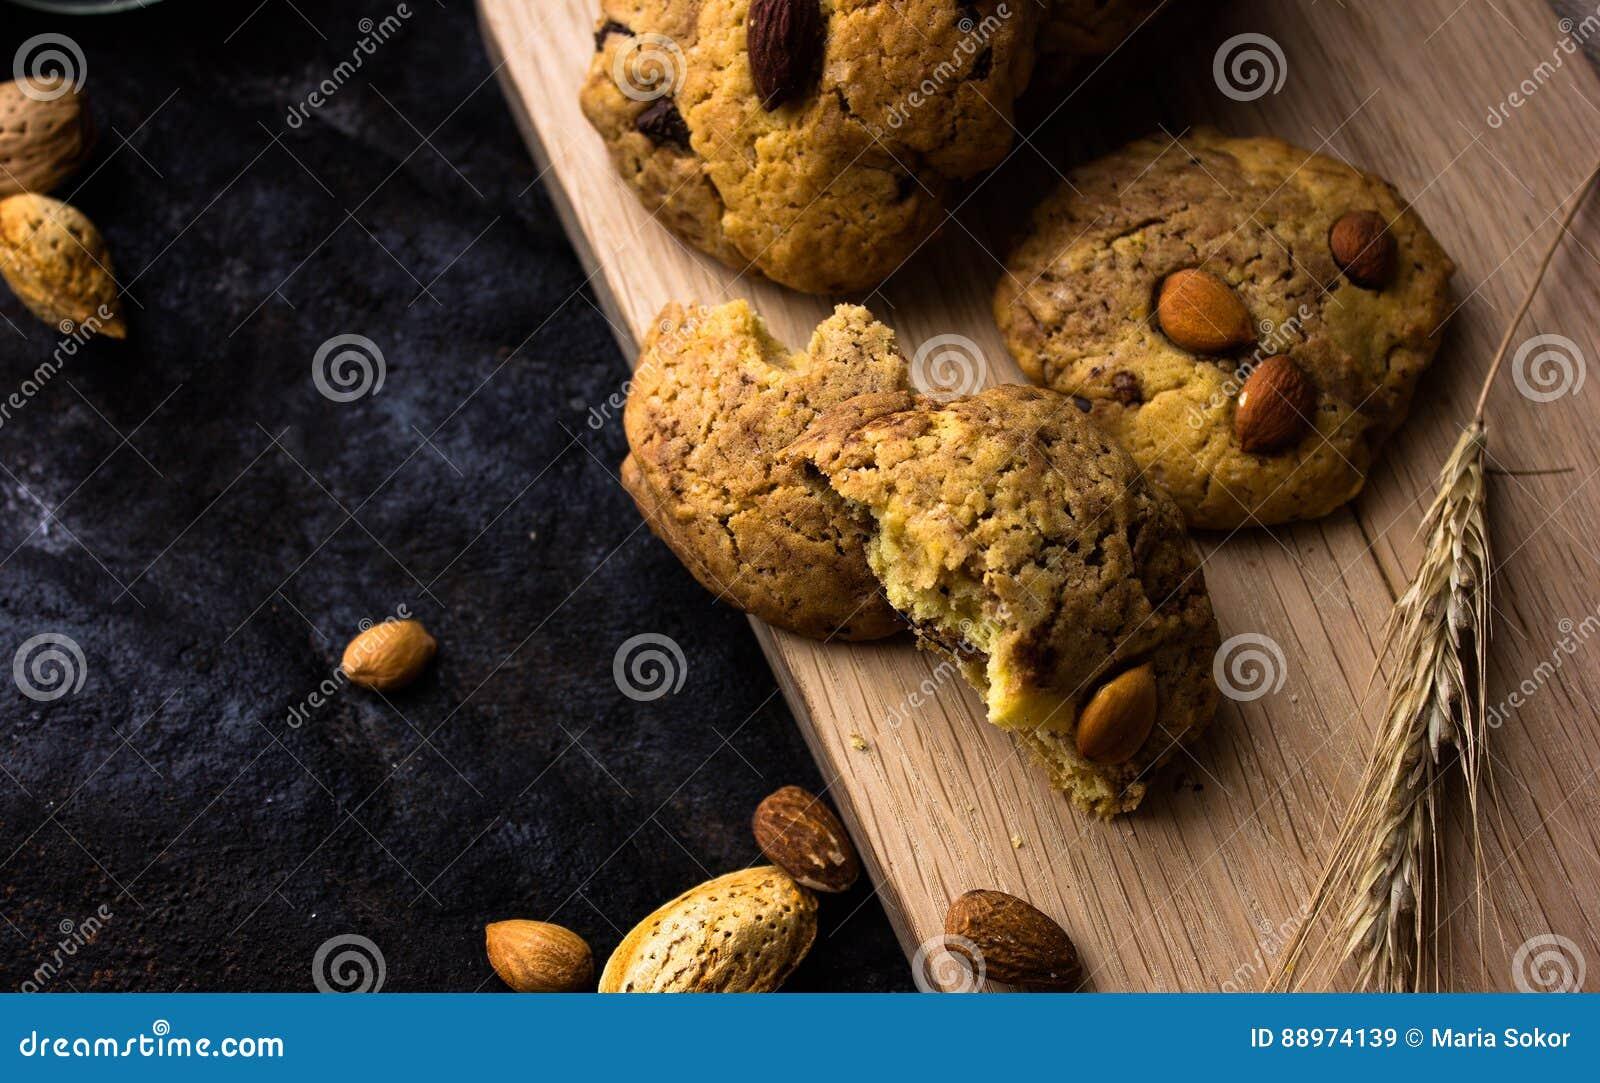 与黑人的美国一种油脂含量较高的酥饼和一个水罐牛奶和杏仁 黑暗的难看的东西背景 神秘的光